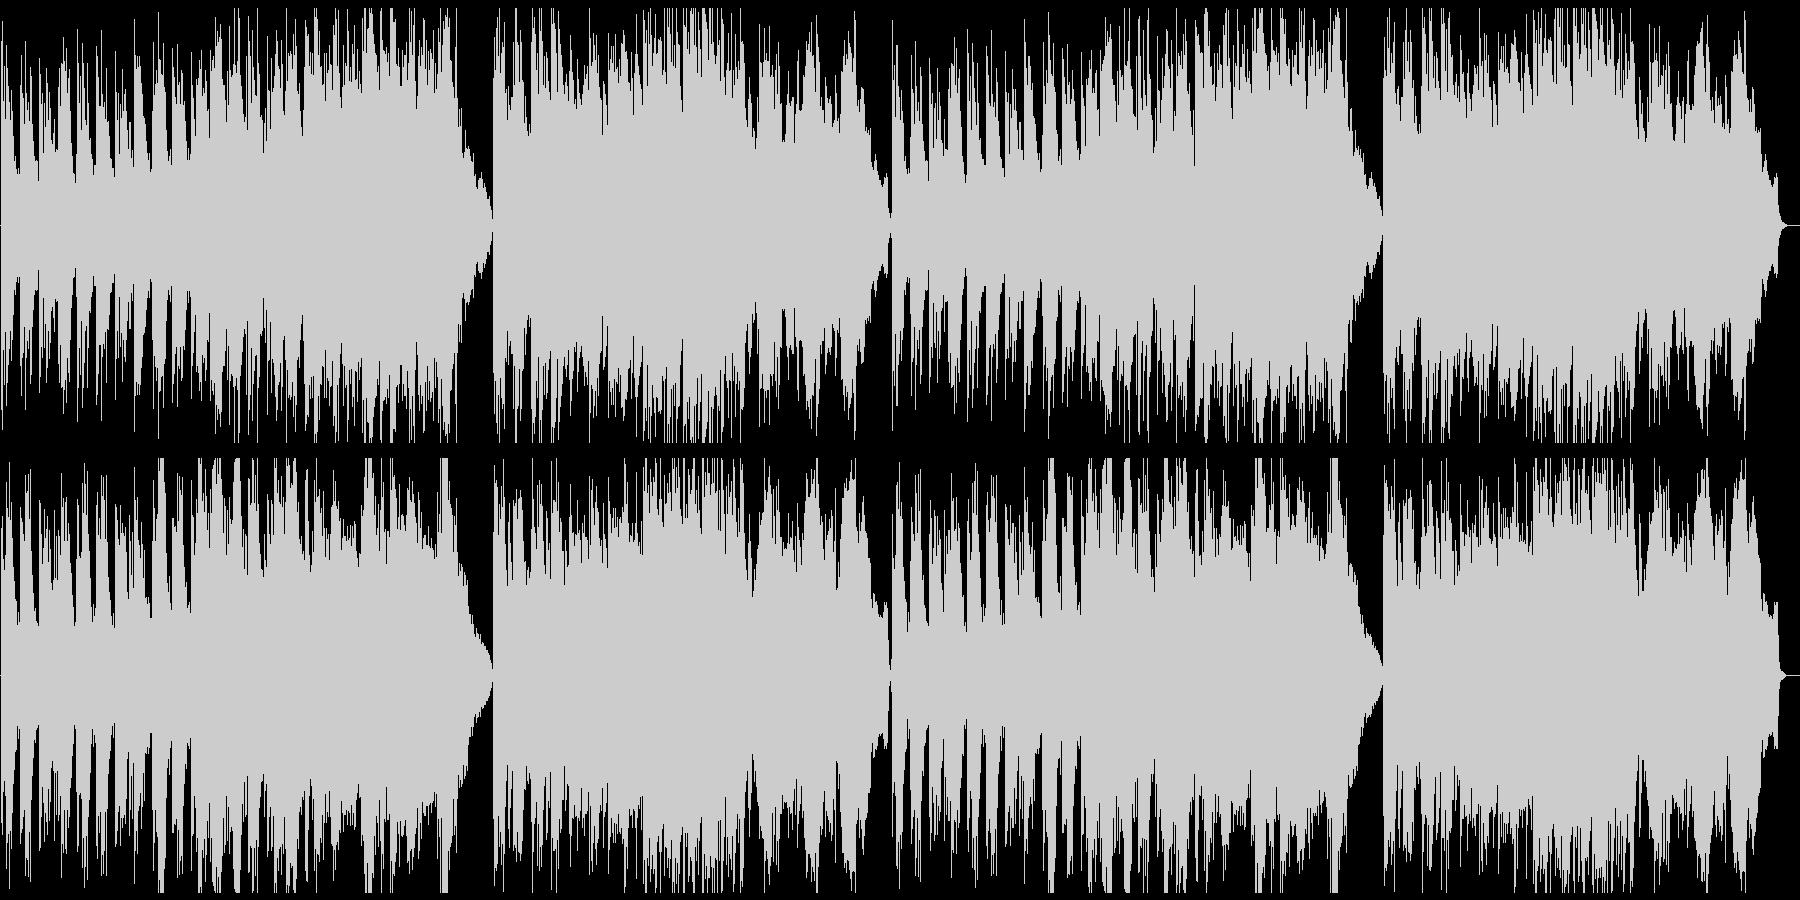 静謐な和風曲の未再生の波形